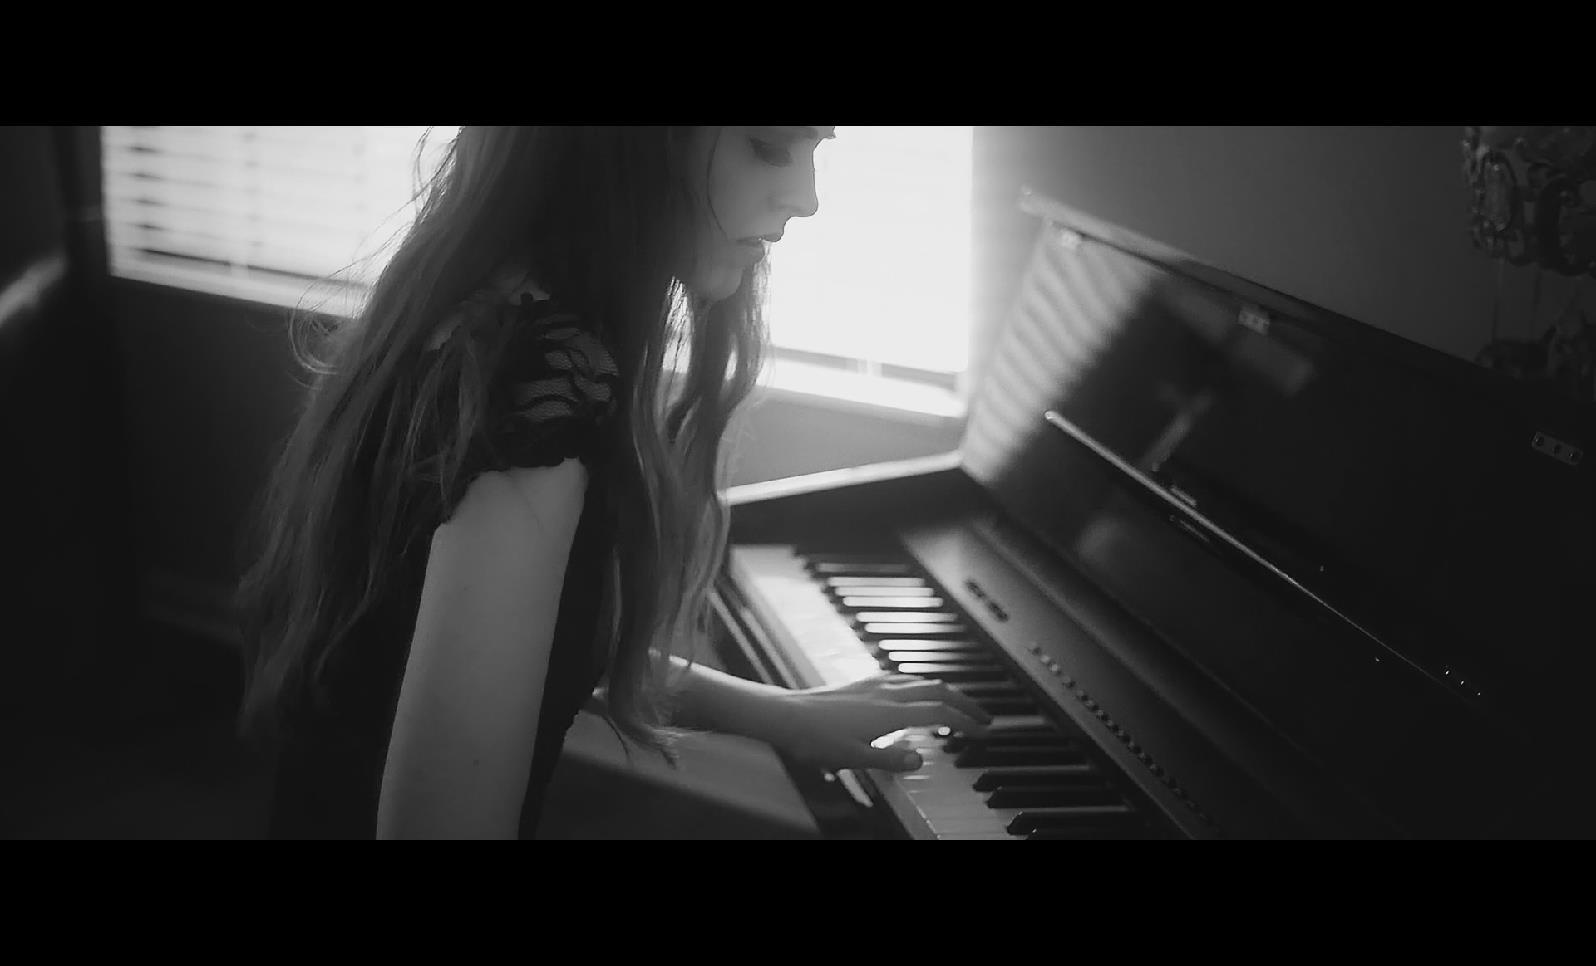 CS 13 钢琴女孩魔幻